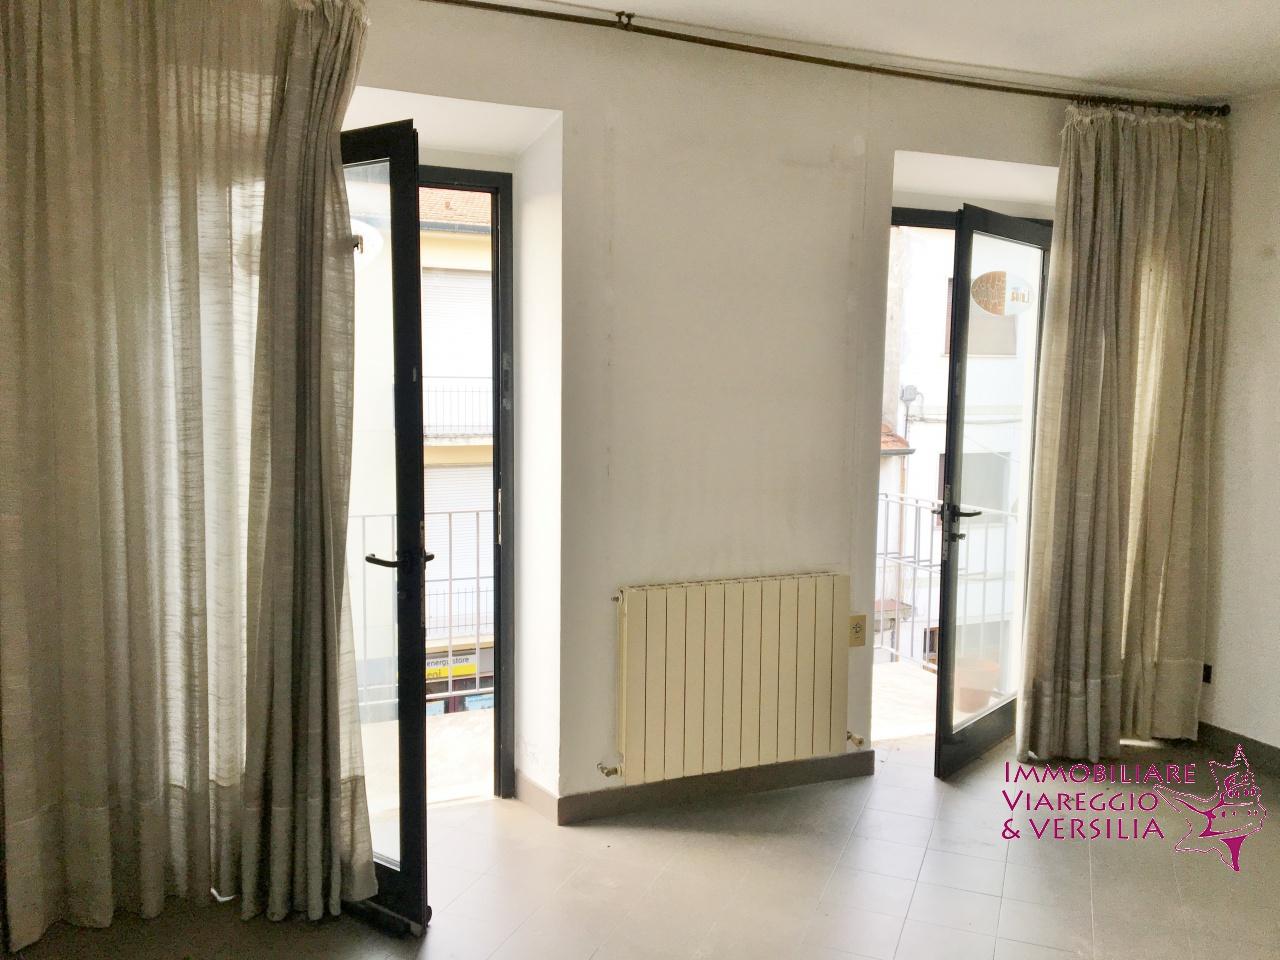 Ufficio in affitto a viareggio centro rif aff uff273 for Ufficio affitto